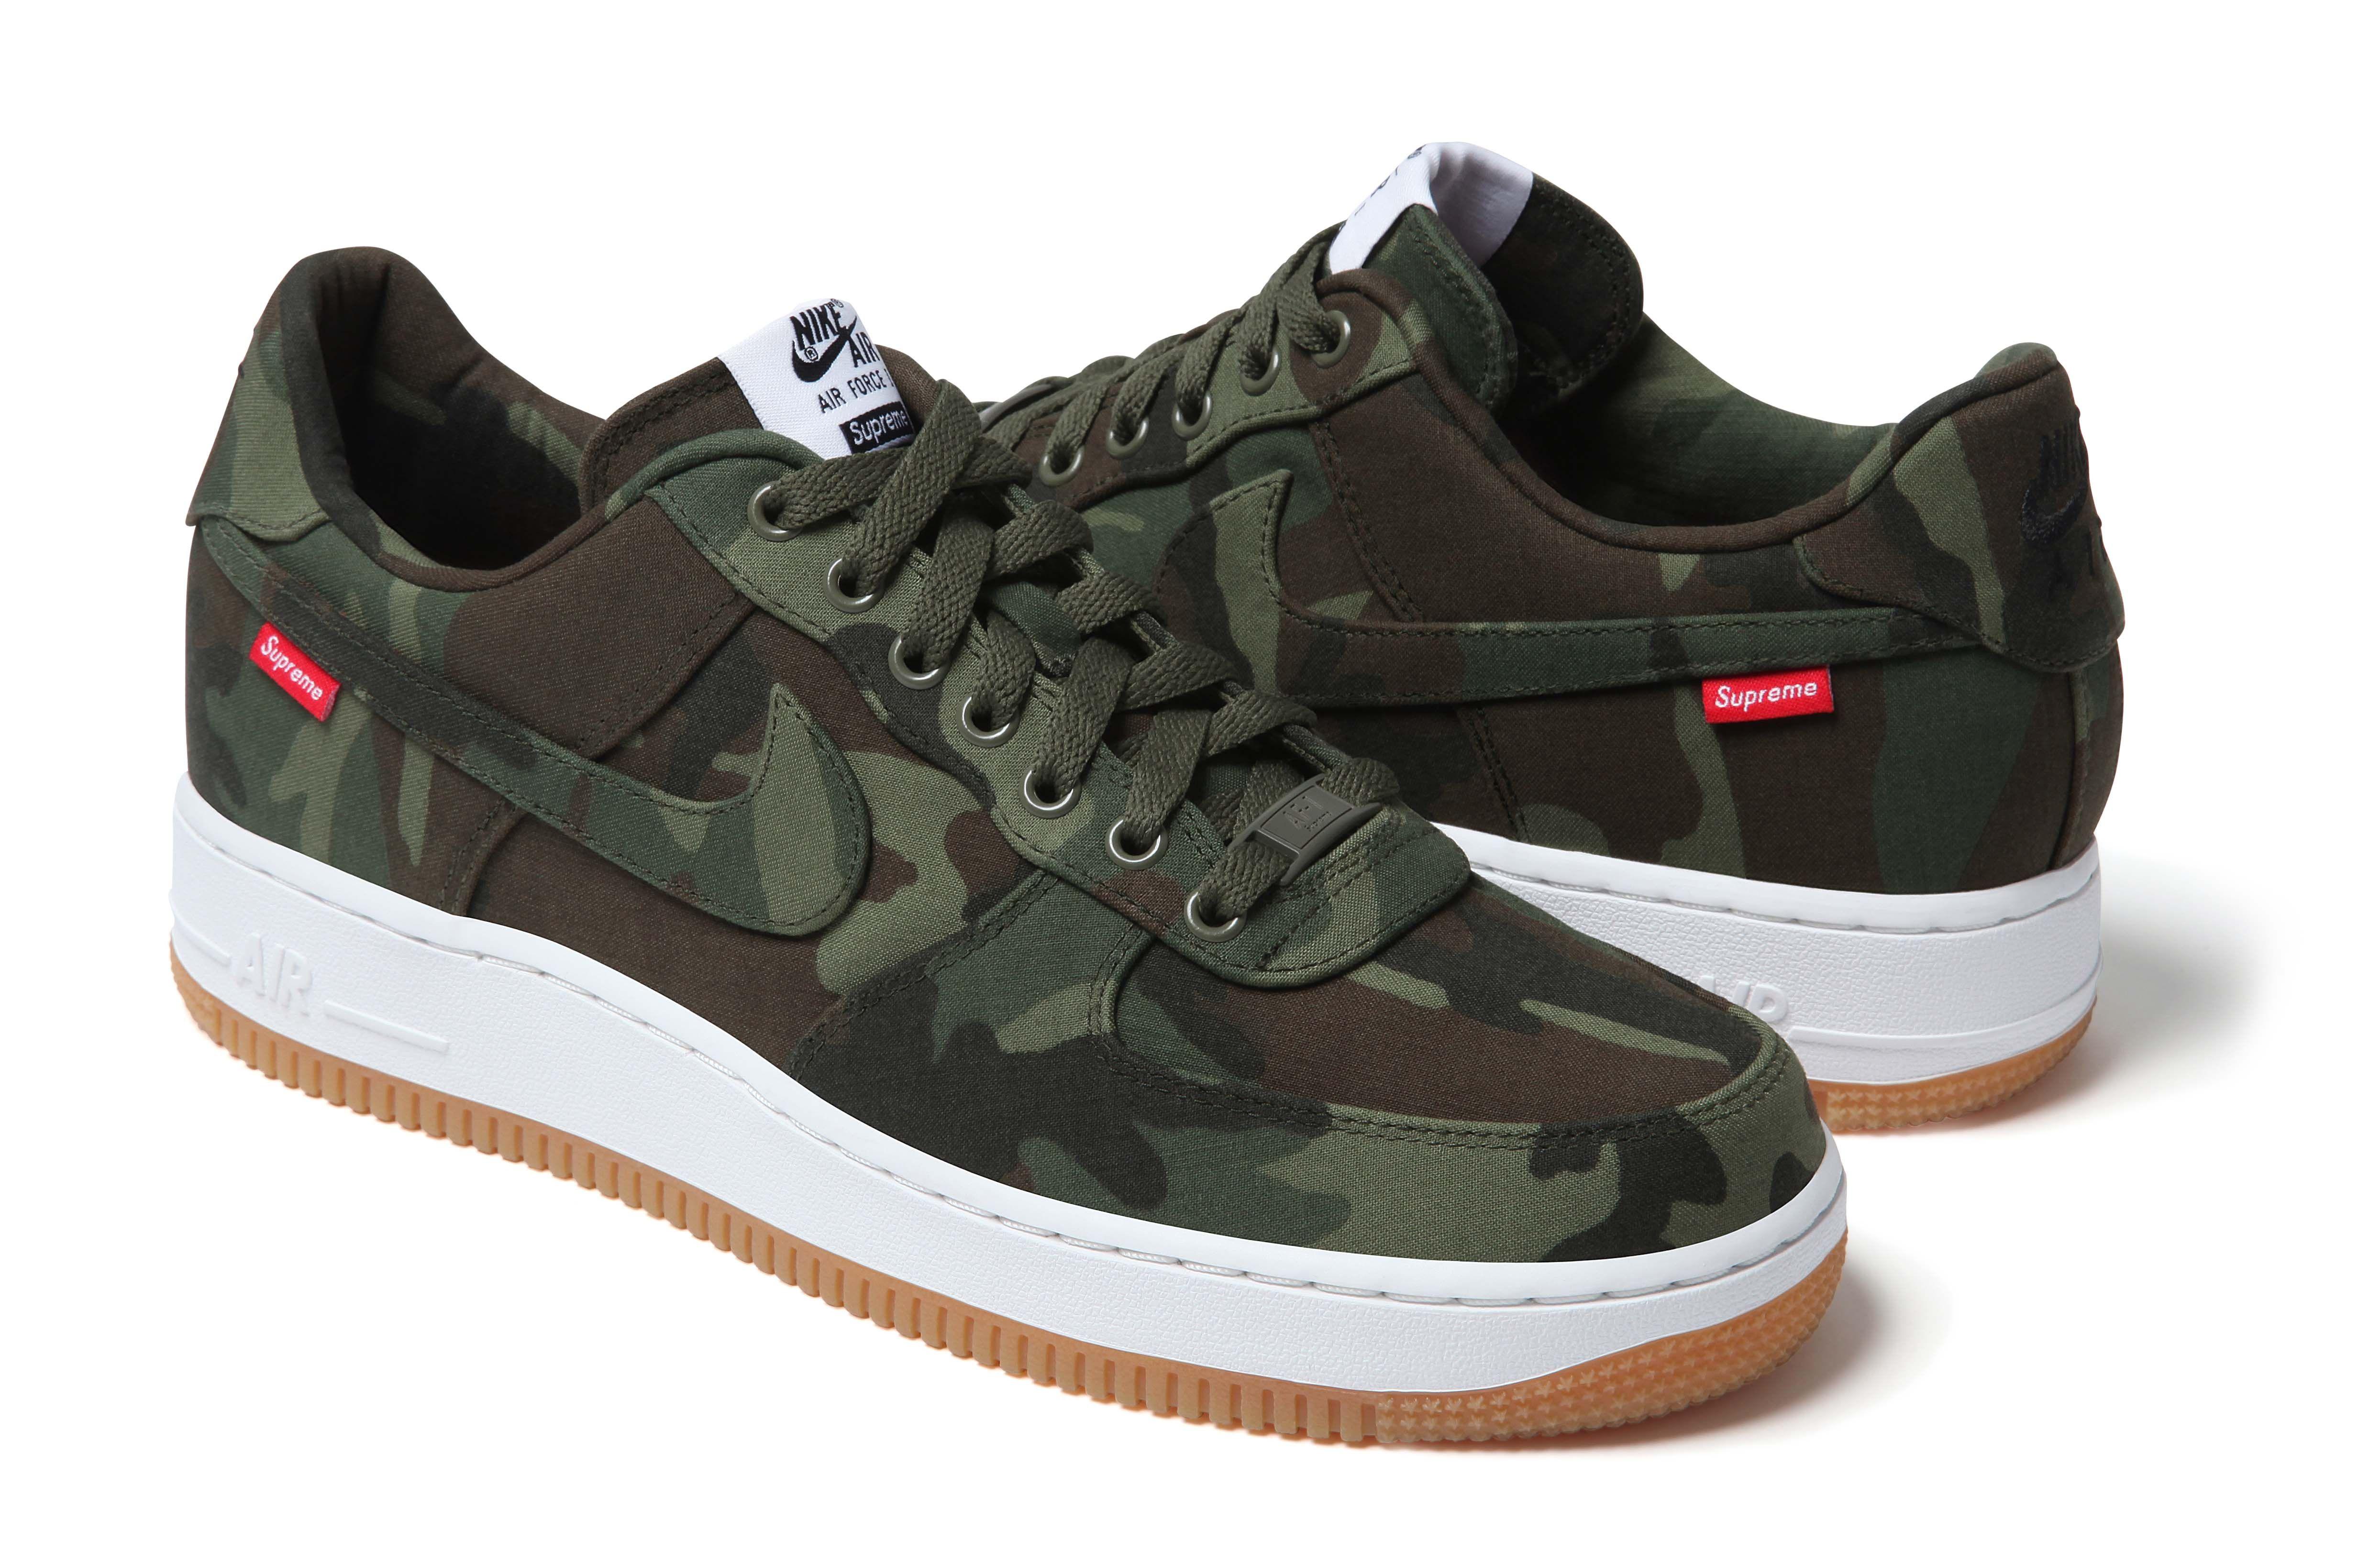 Supreme x Nike Air Force 1 (2012)